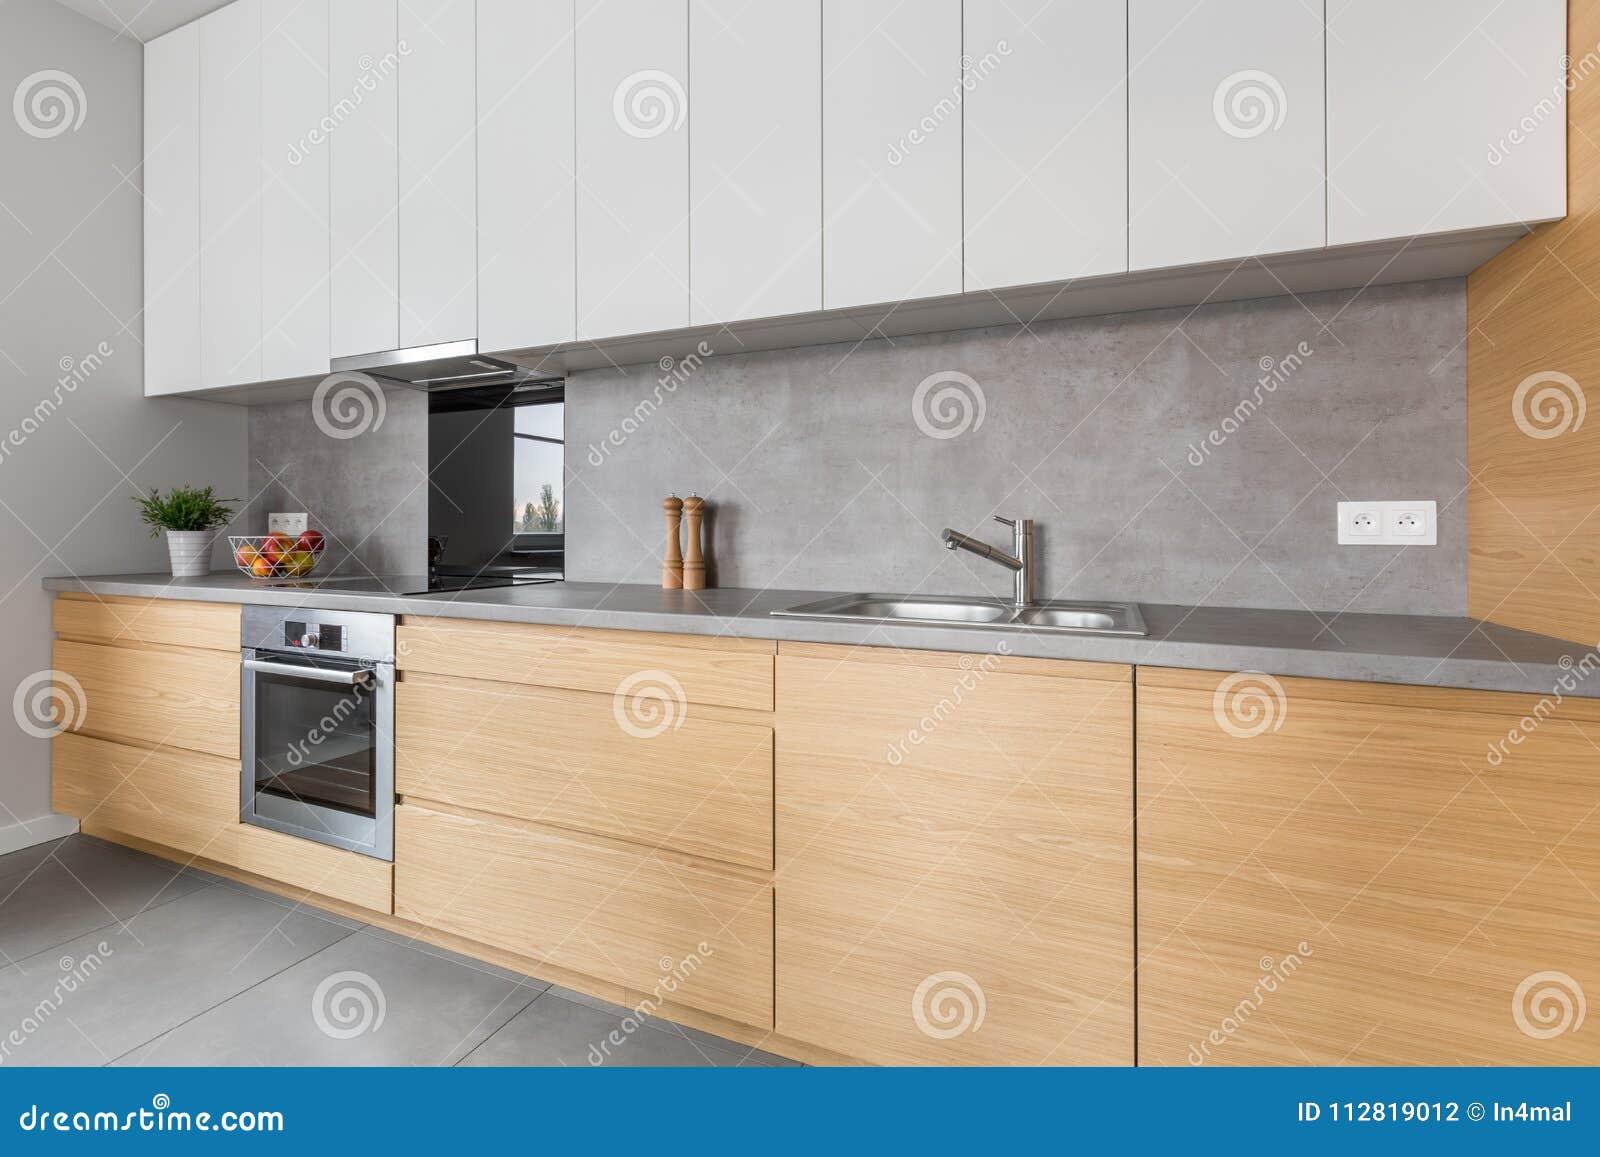 Cucina Con Il Piano Di Lavoro Concreto E La Mobilia Di Legno ...